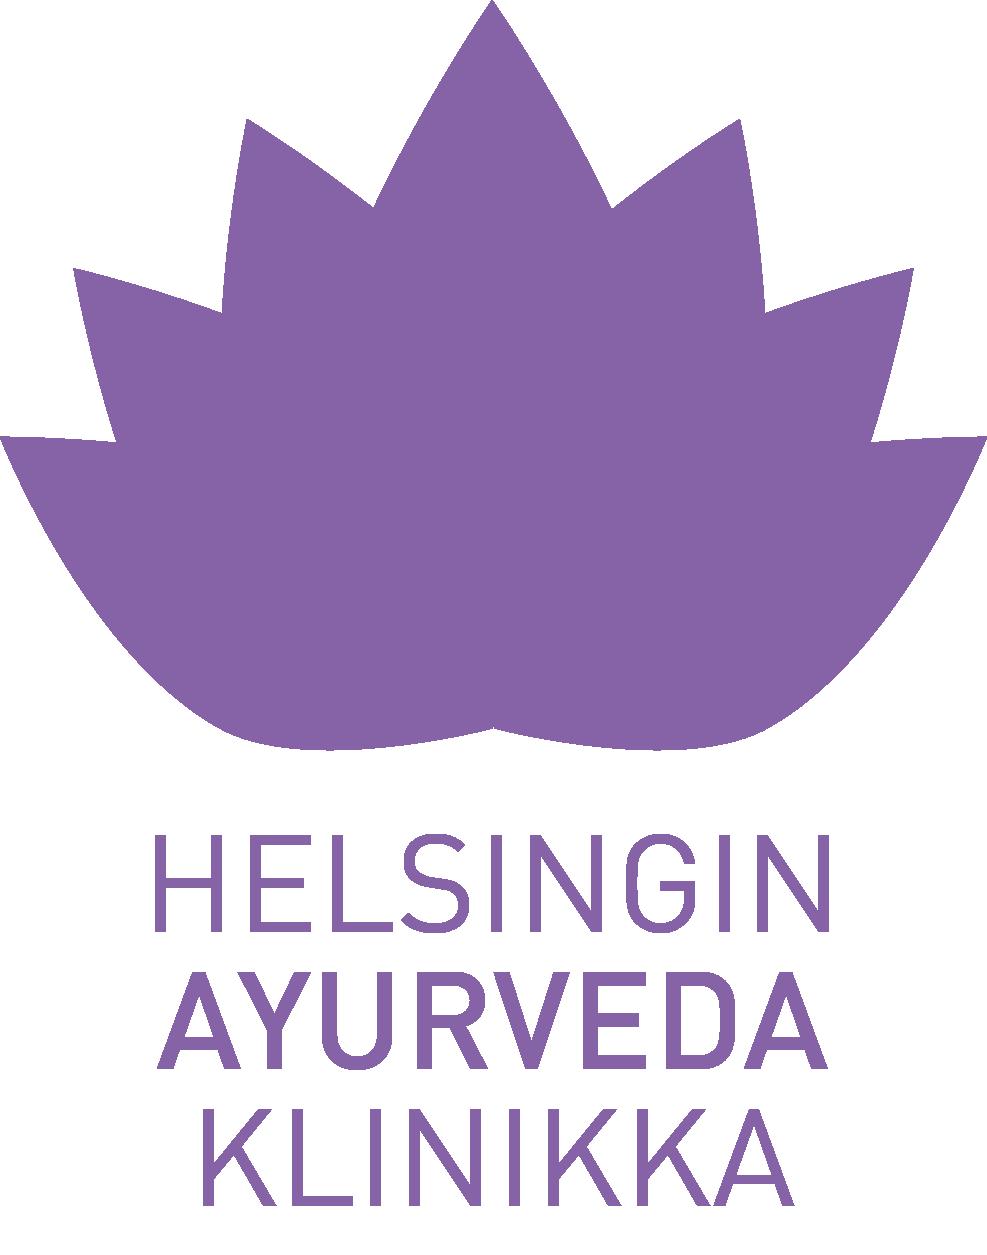 Ayurvedaklinikka.fi Logo